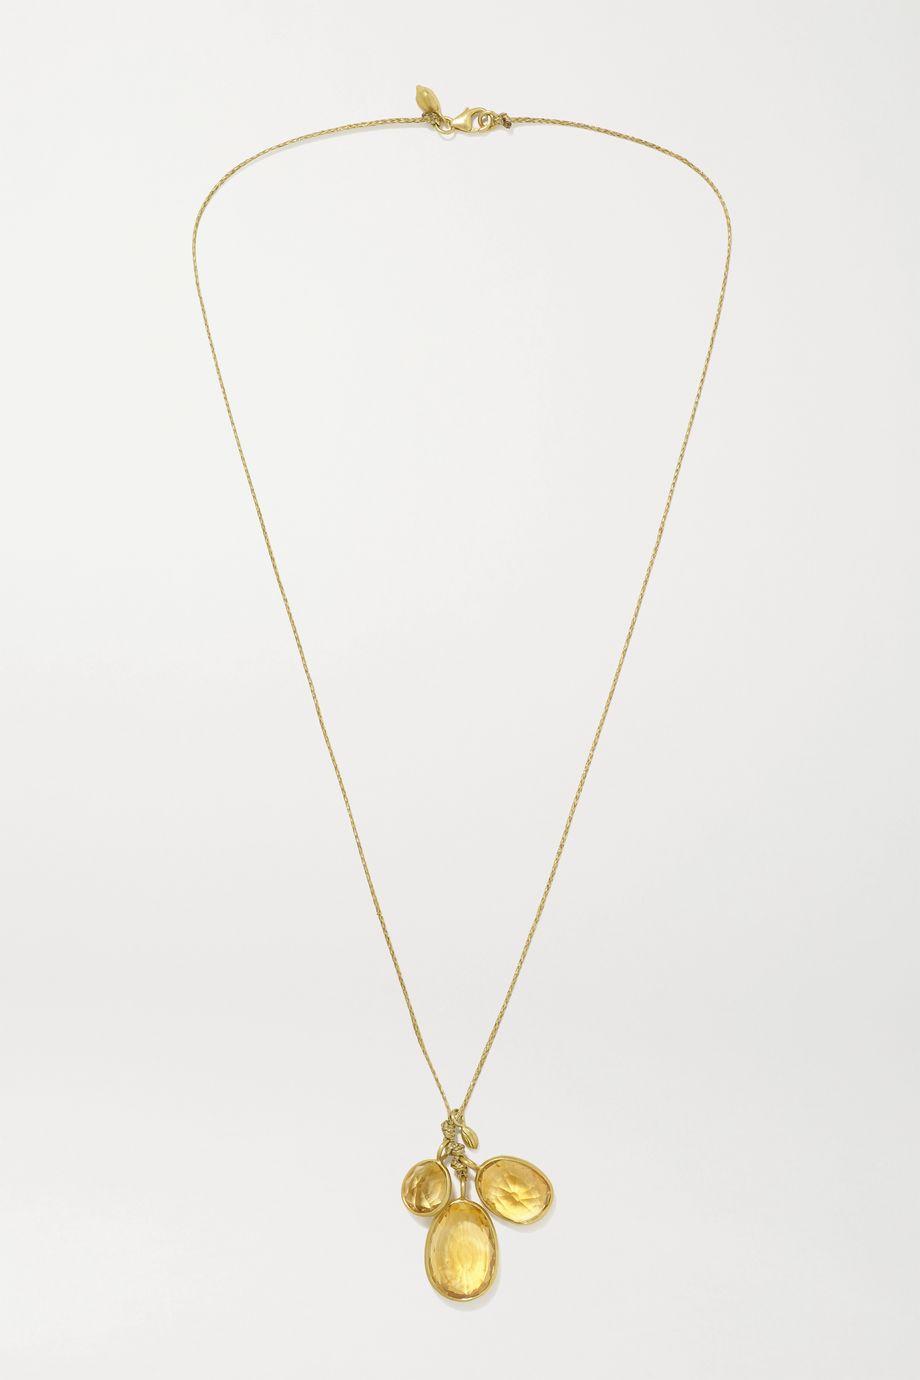 Pippa Small 18K 黄金黄水晶项链